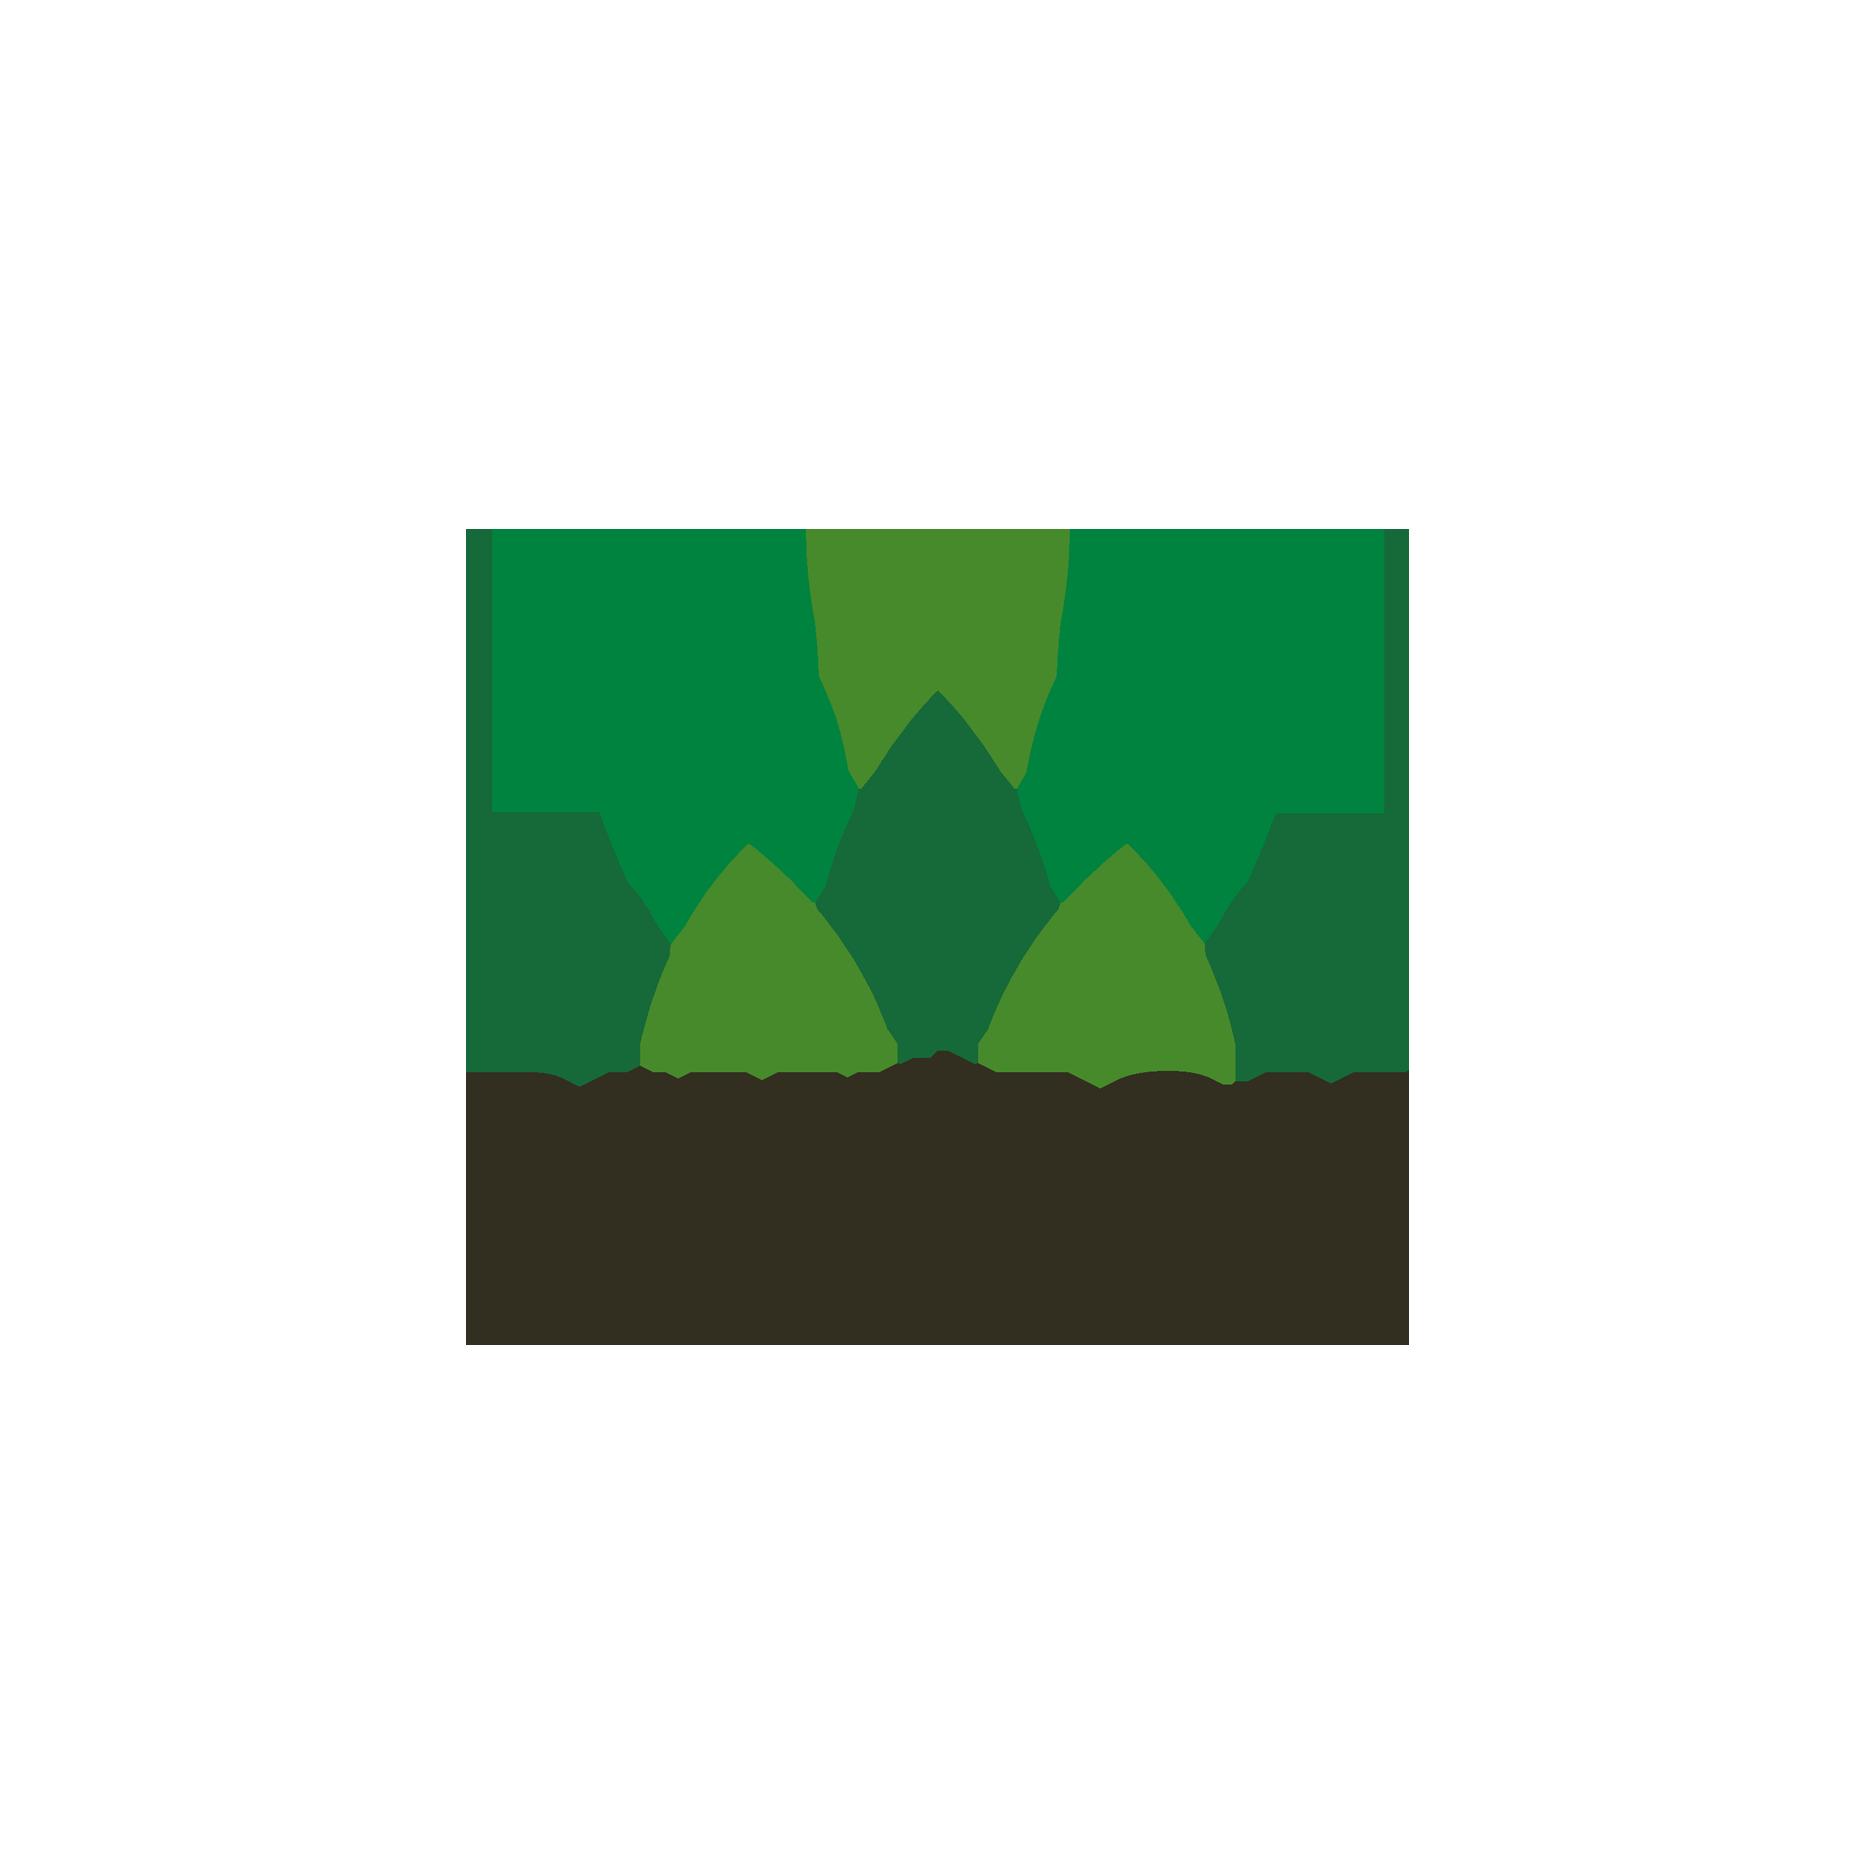 Ruxton